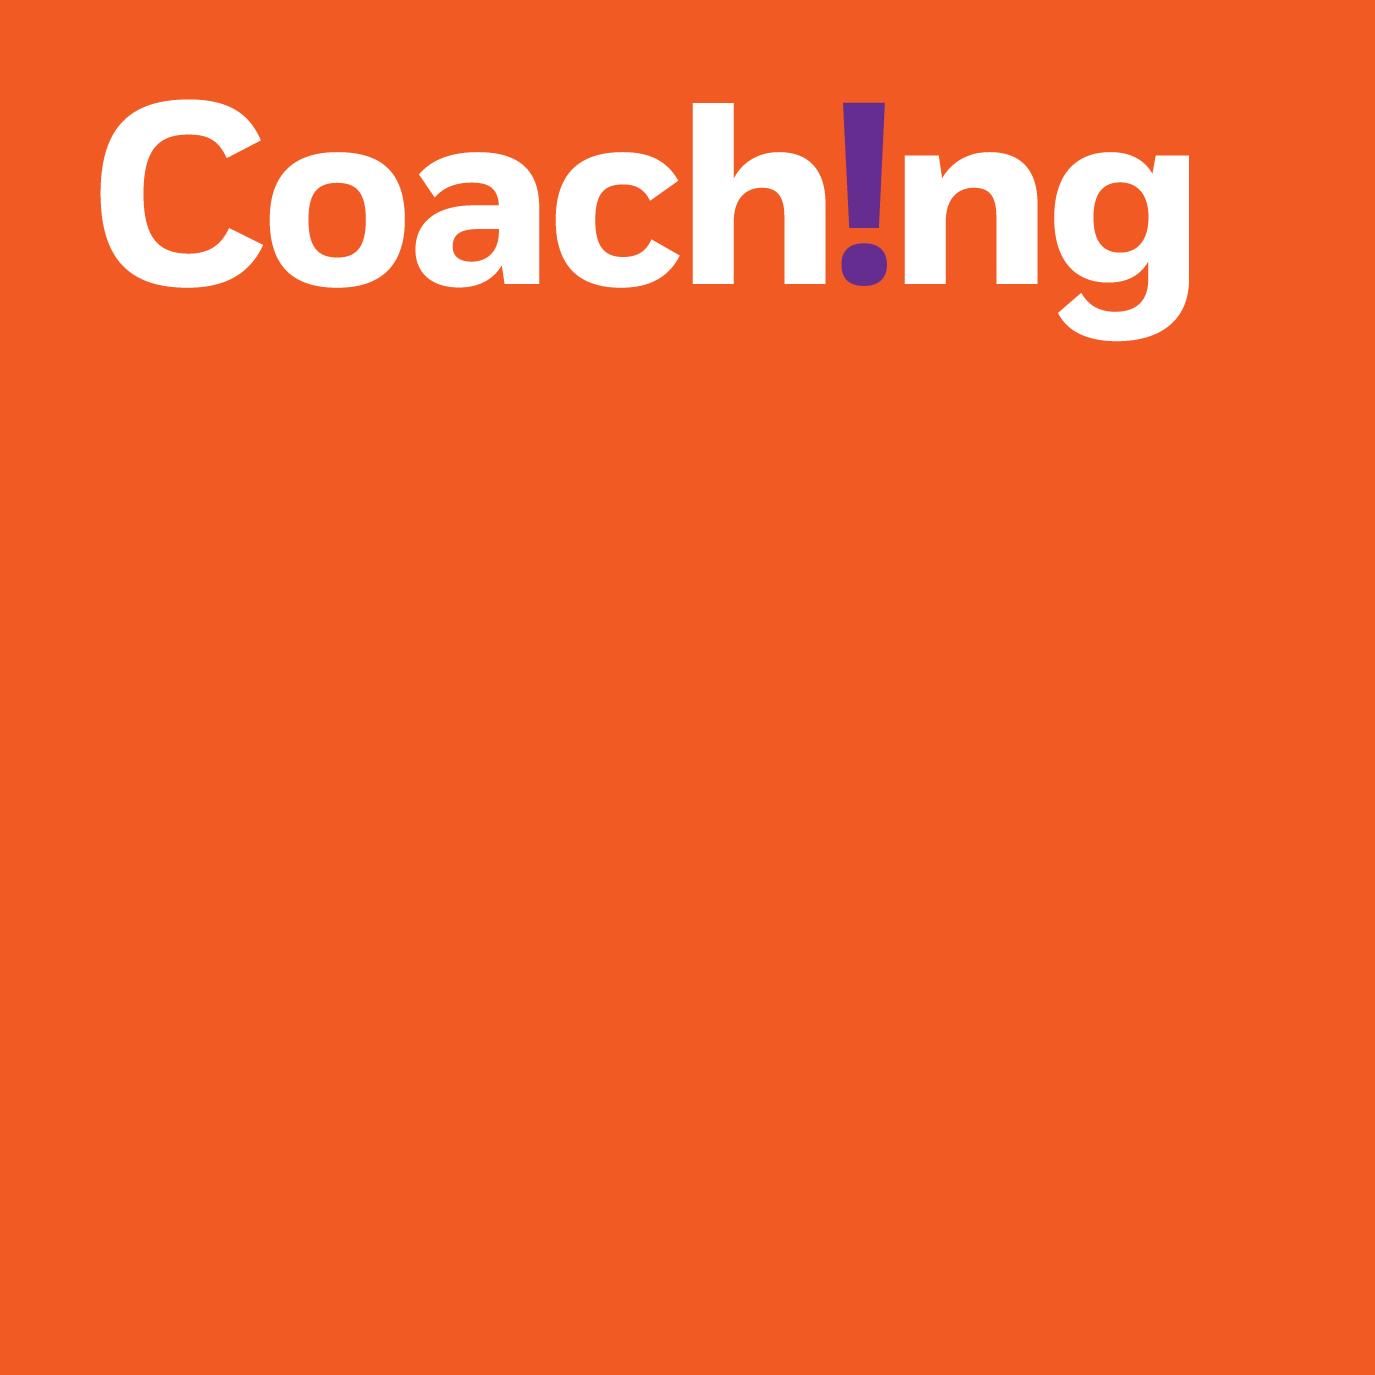 Sarah-Singer-Coaching.png